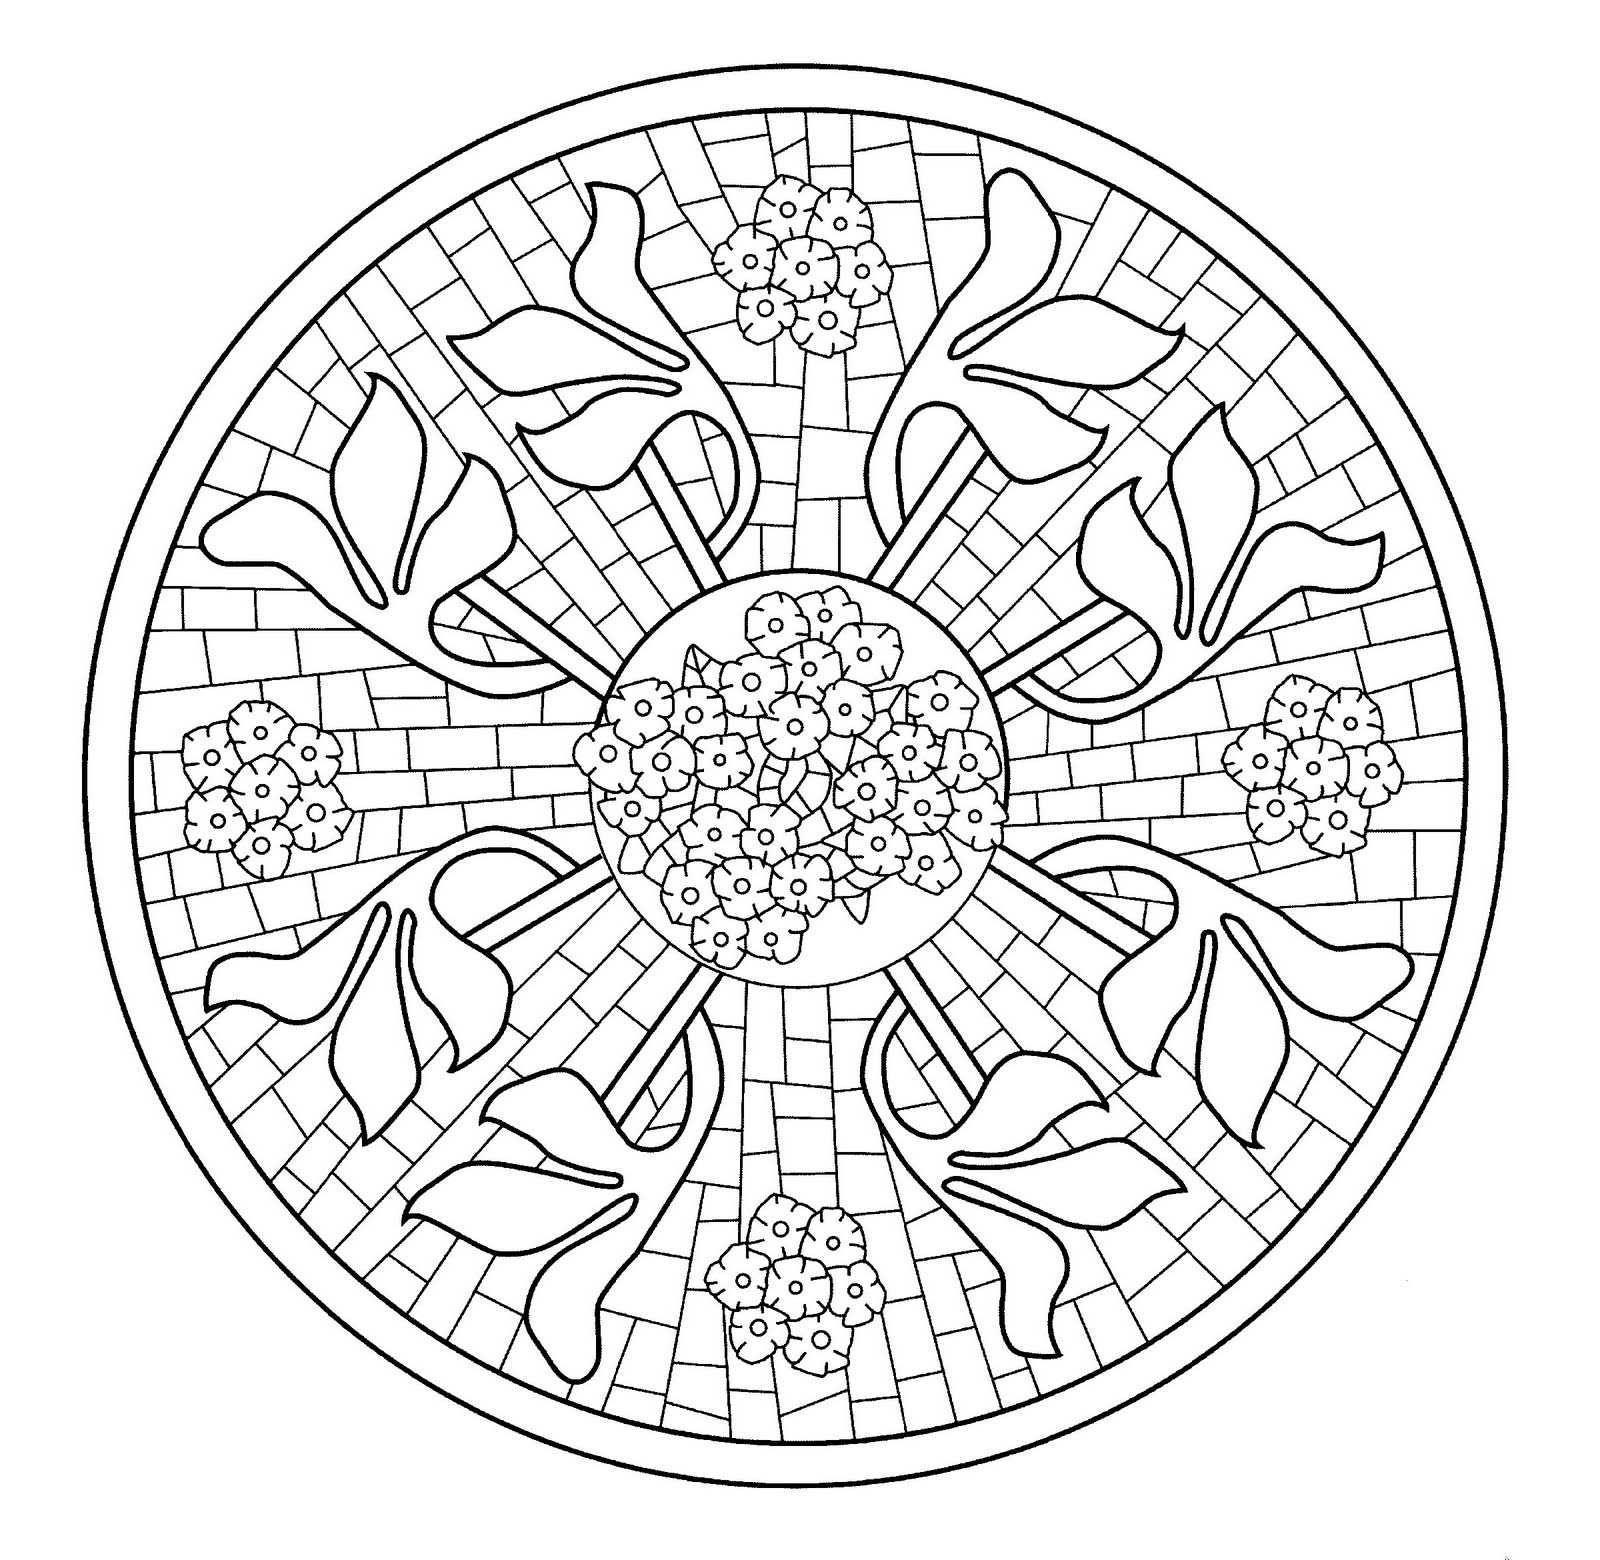 Colorear Dibujos De Mosaicos Para Colorear Dibujos De Mosaicos  # Muebles Dibujos Para Colorear